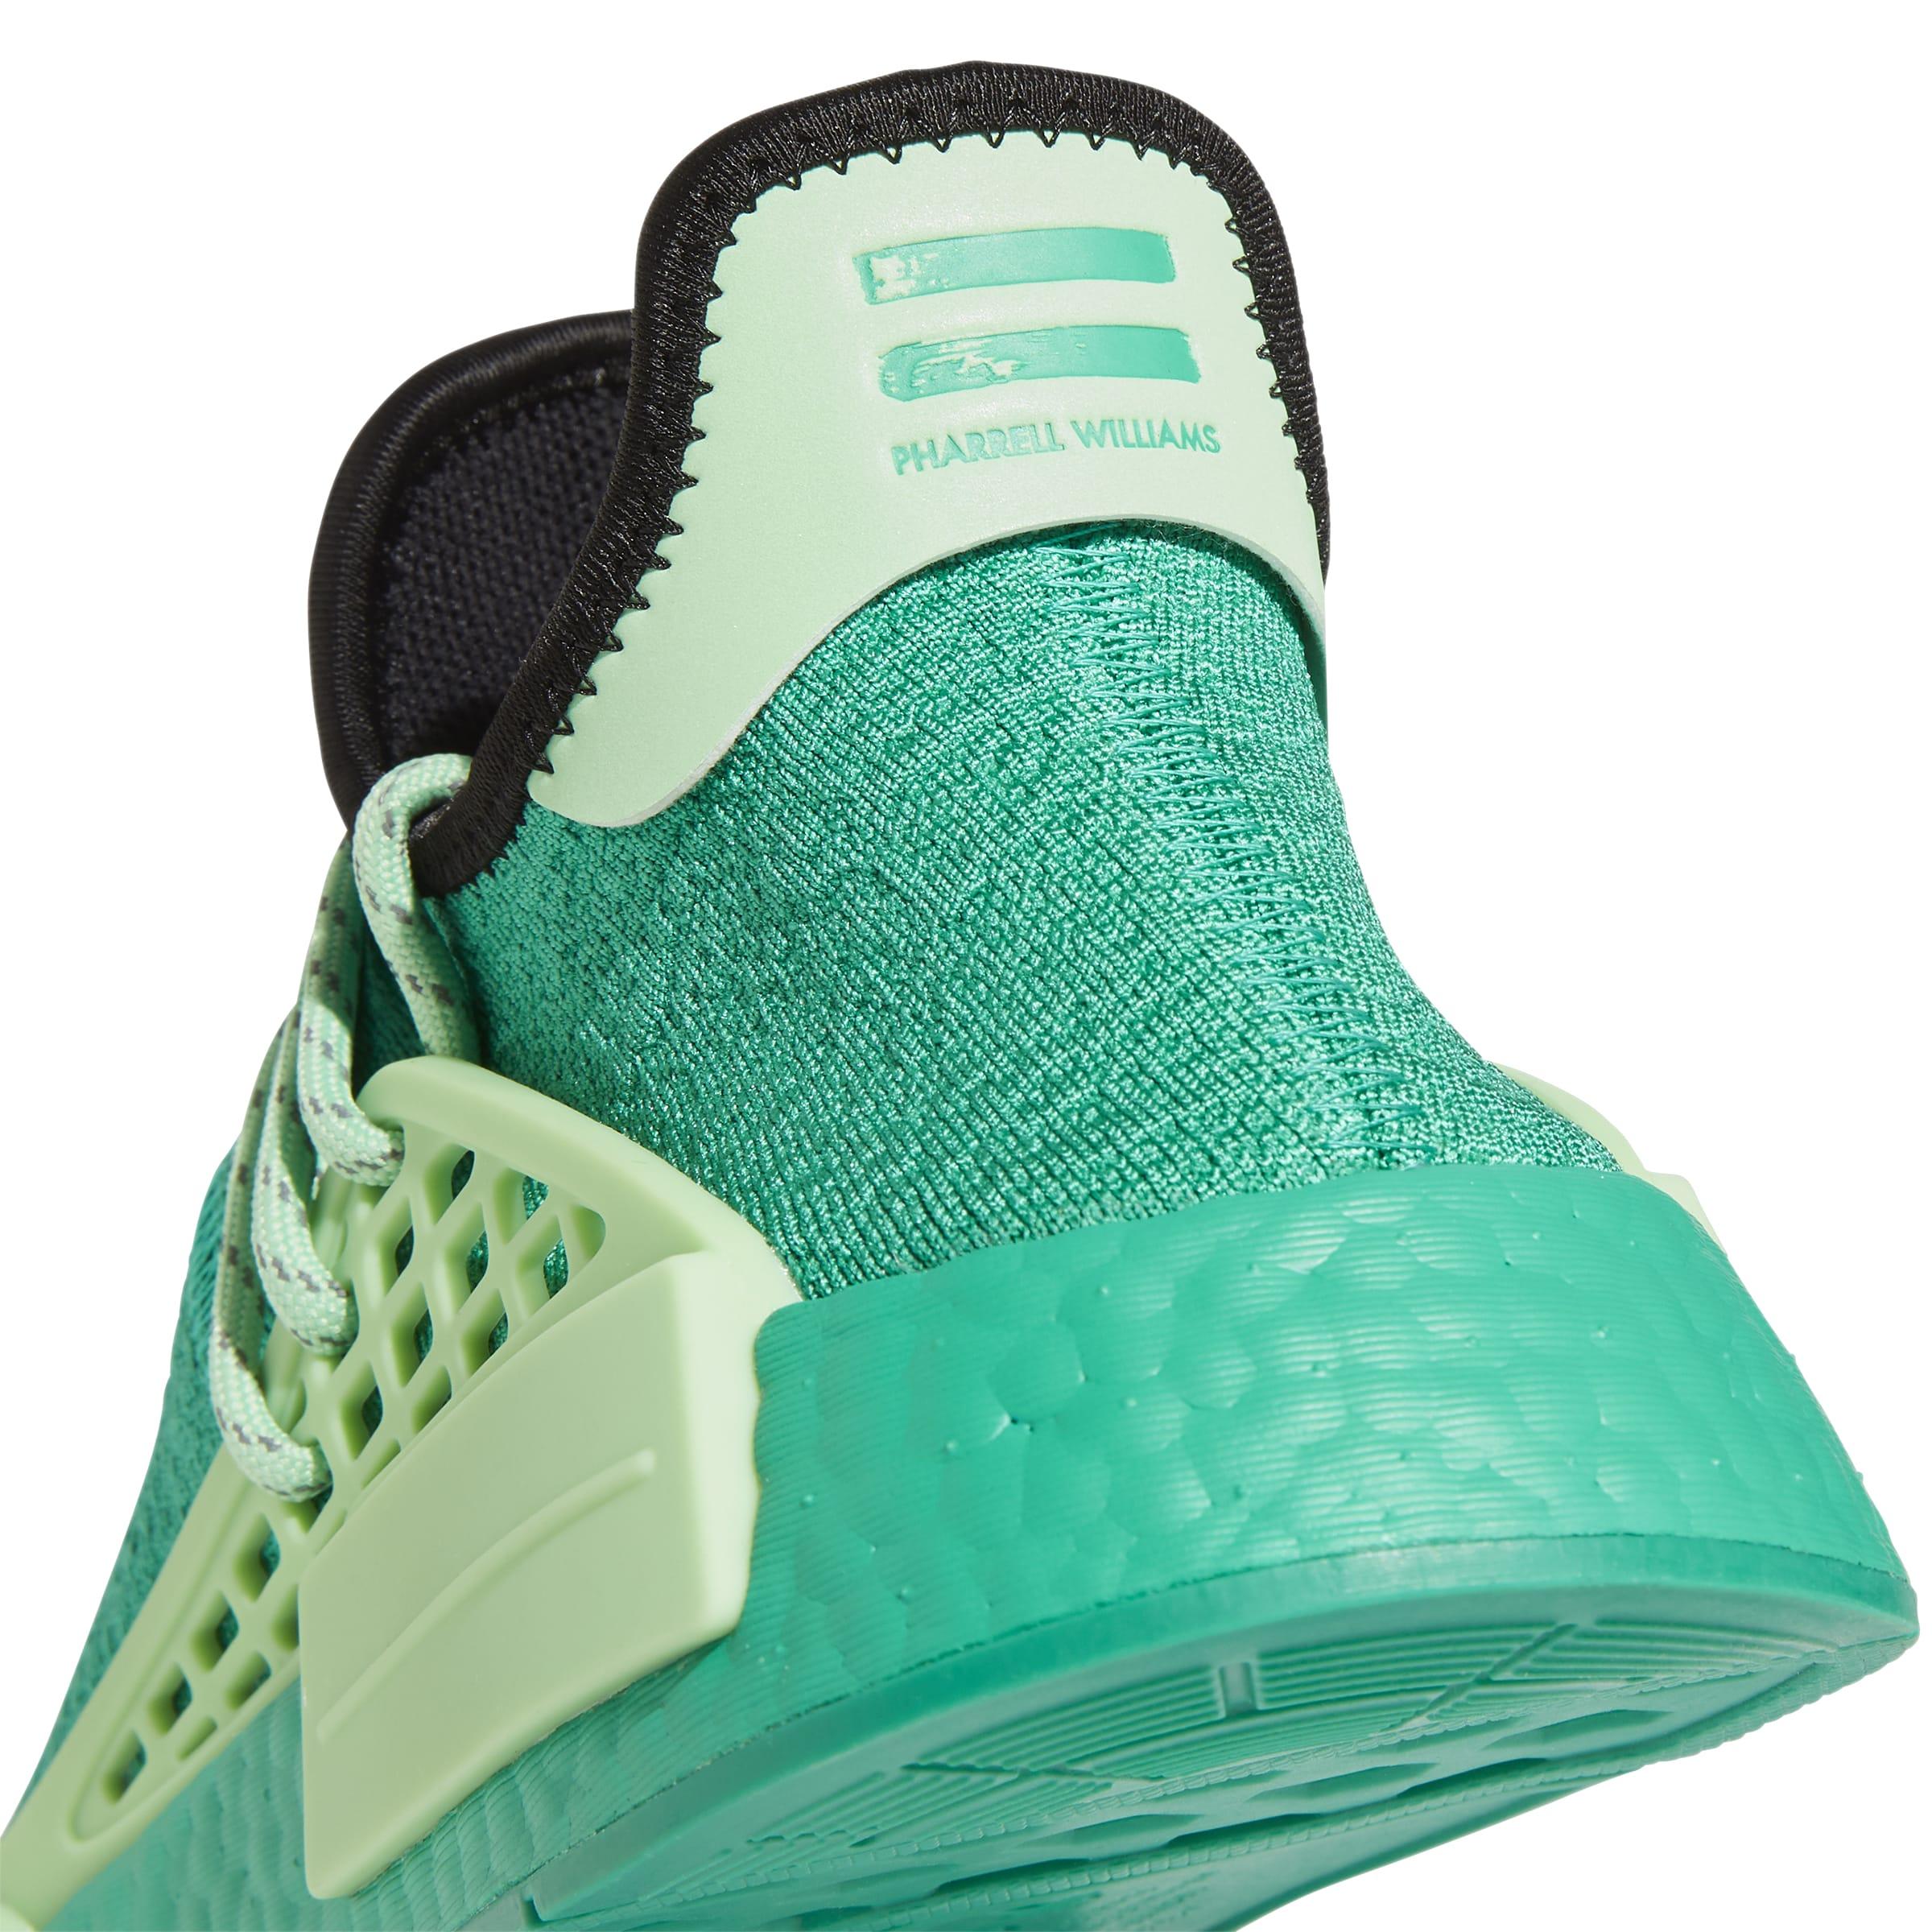 Pharrell x Adidas NMD Hu 'Green' FY0089 Heel